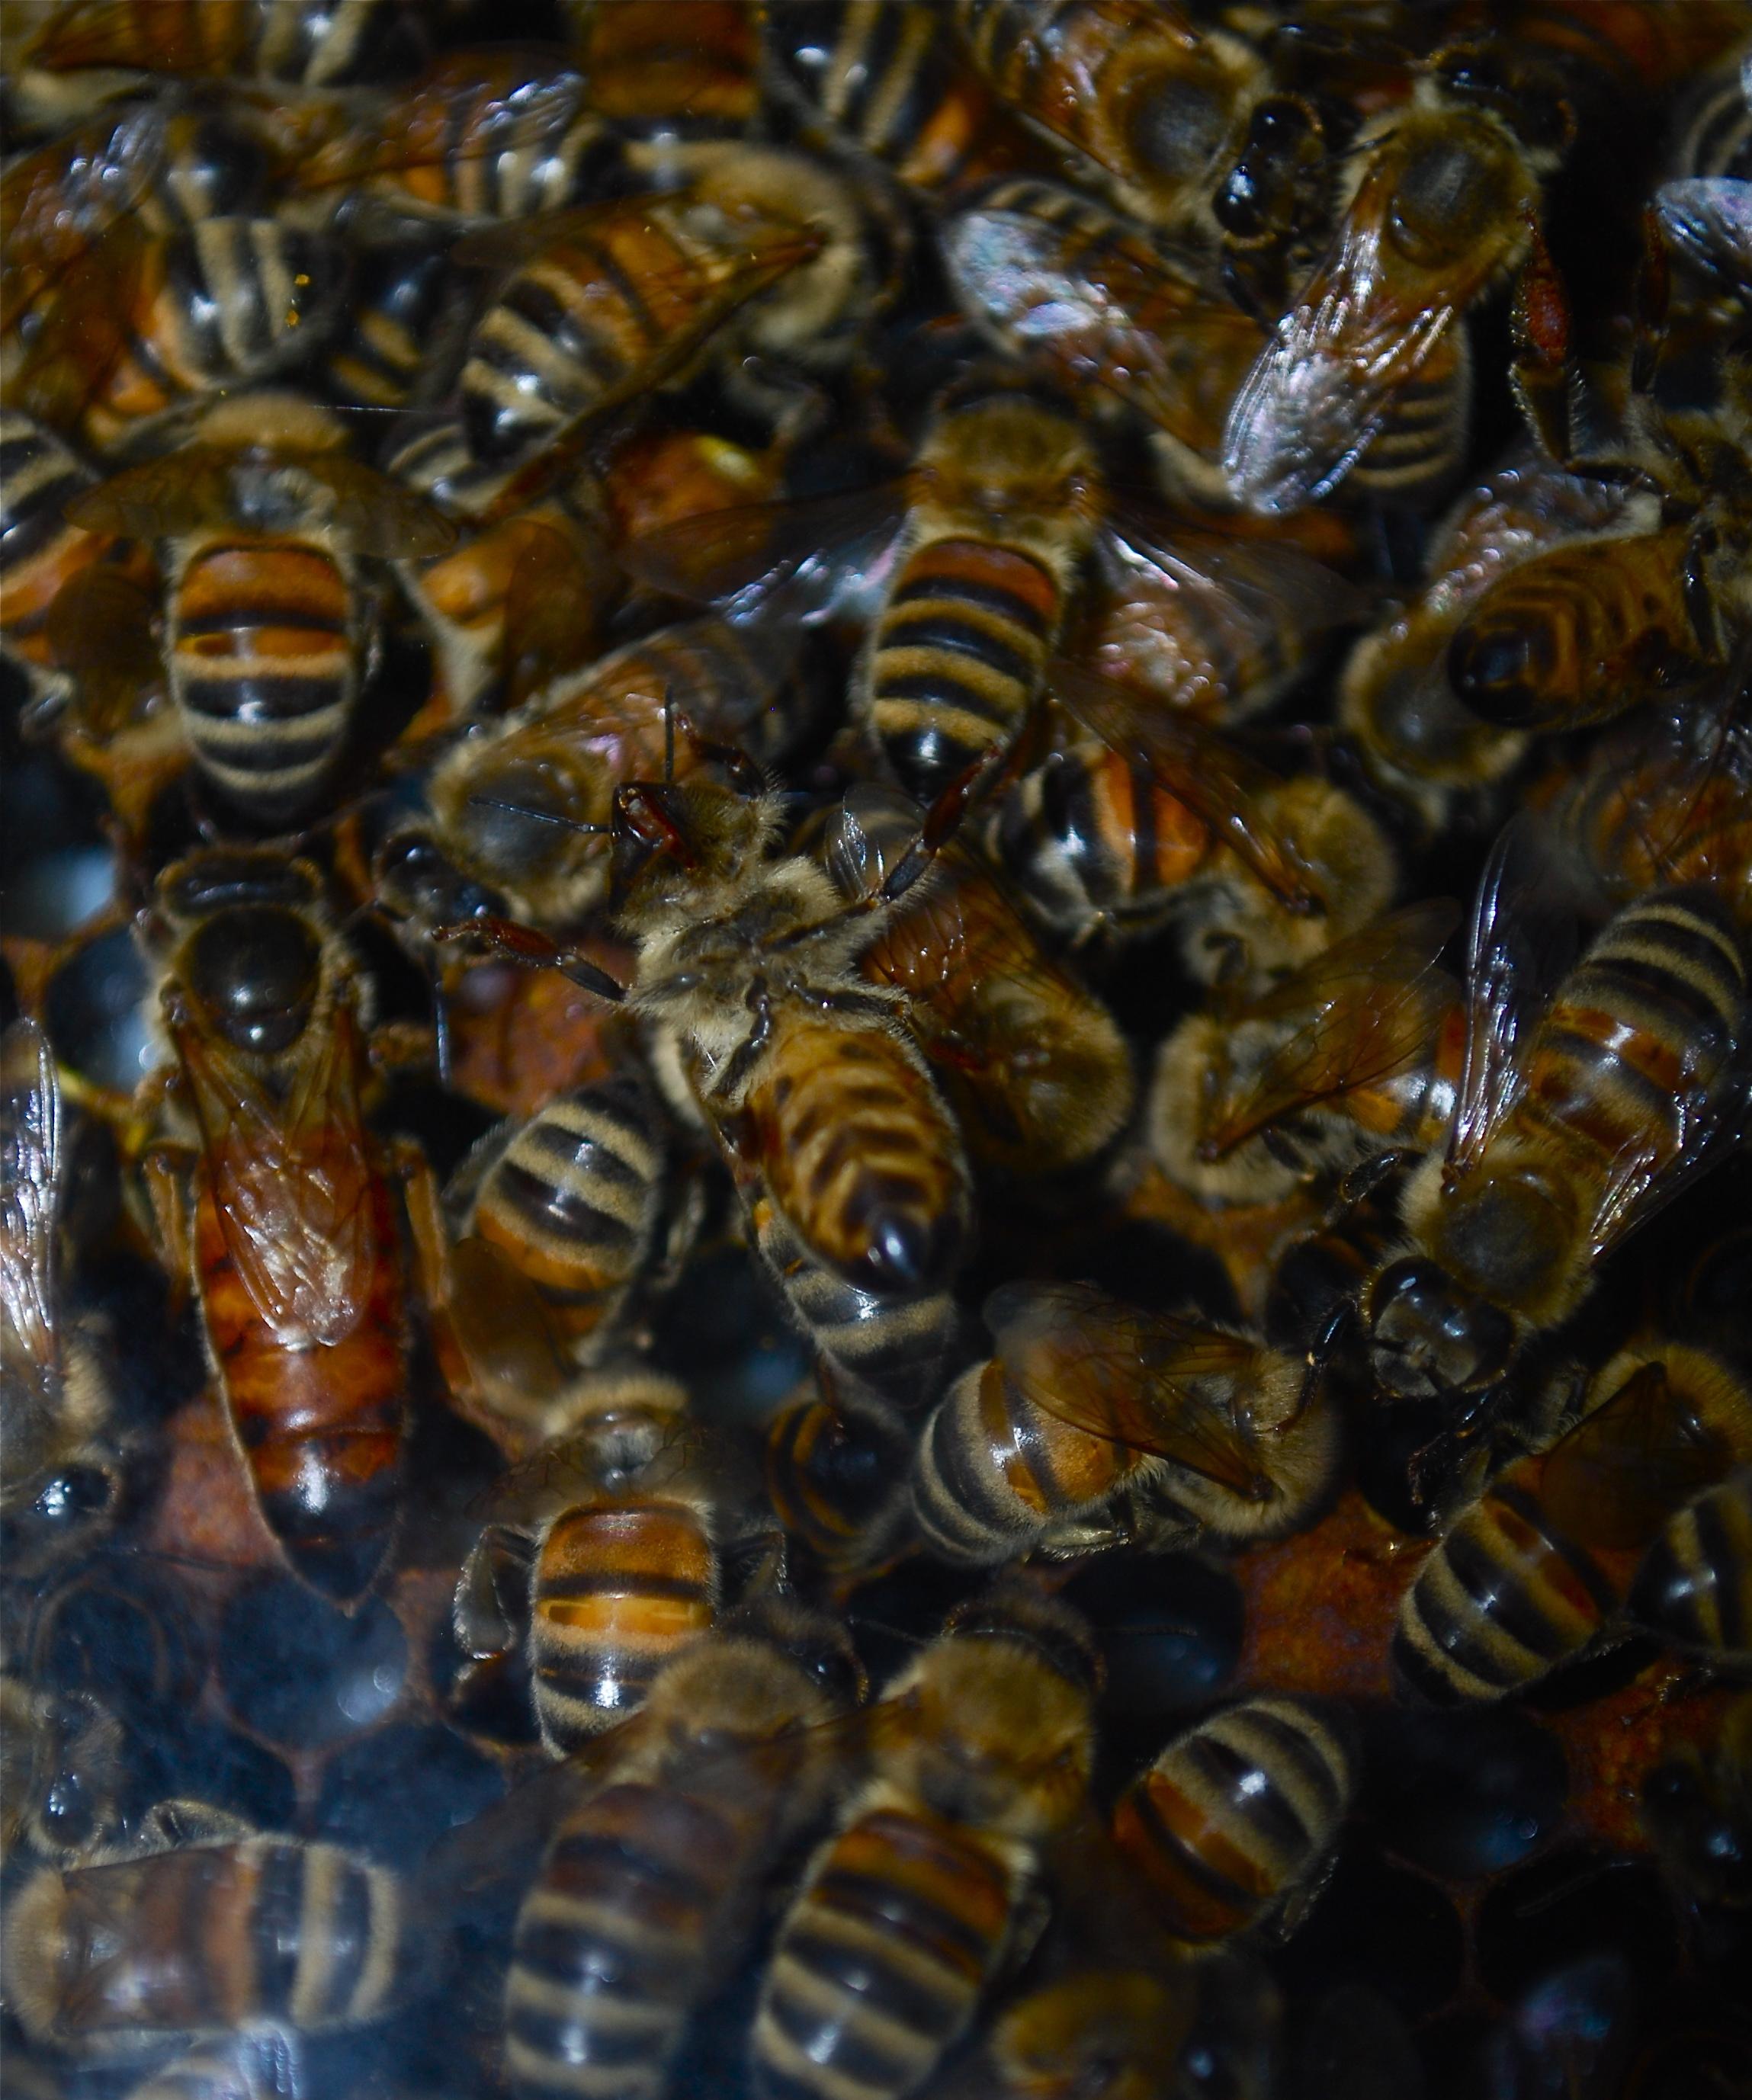 Ligurian honey bees on Kangaroo Island, Australia